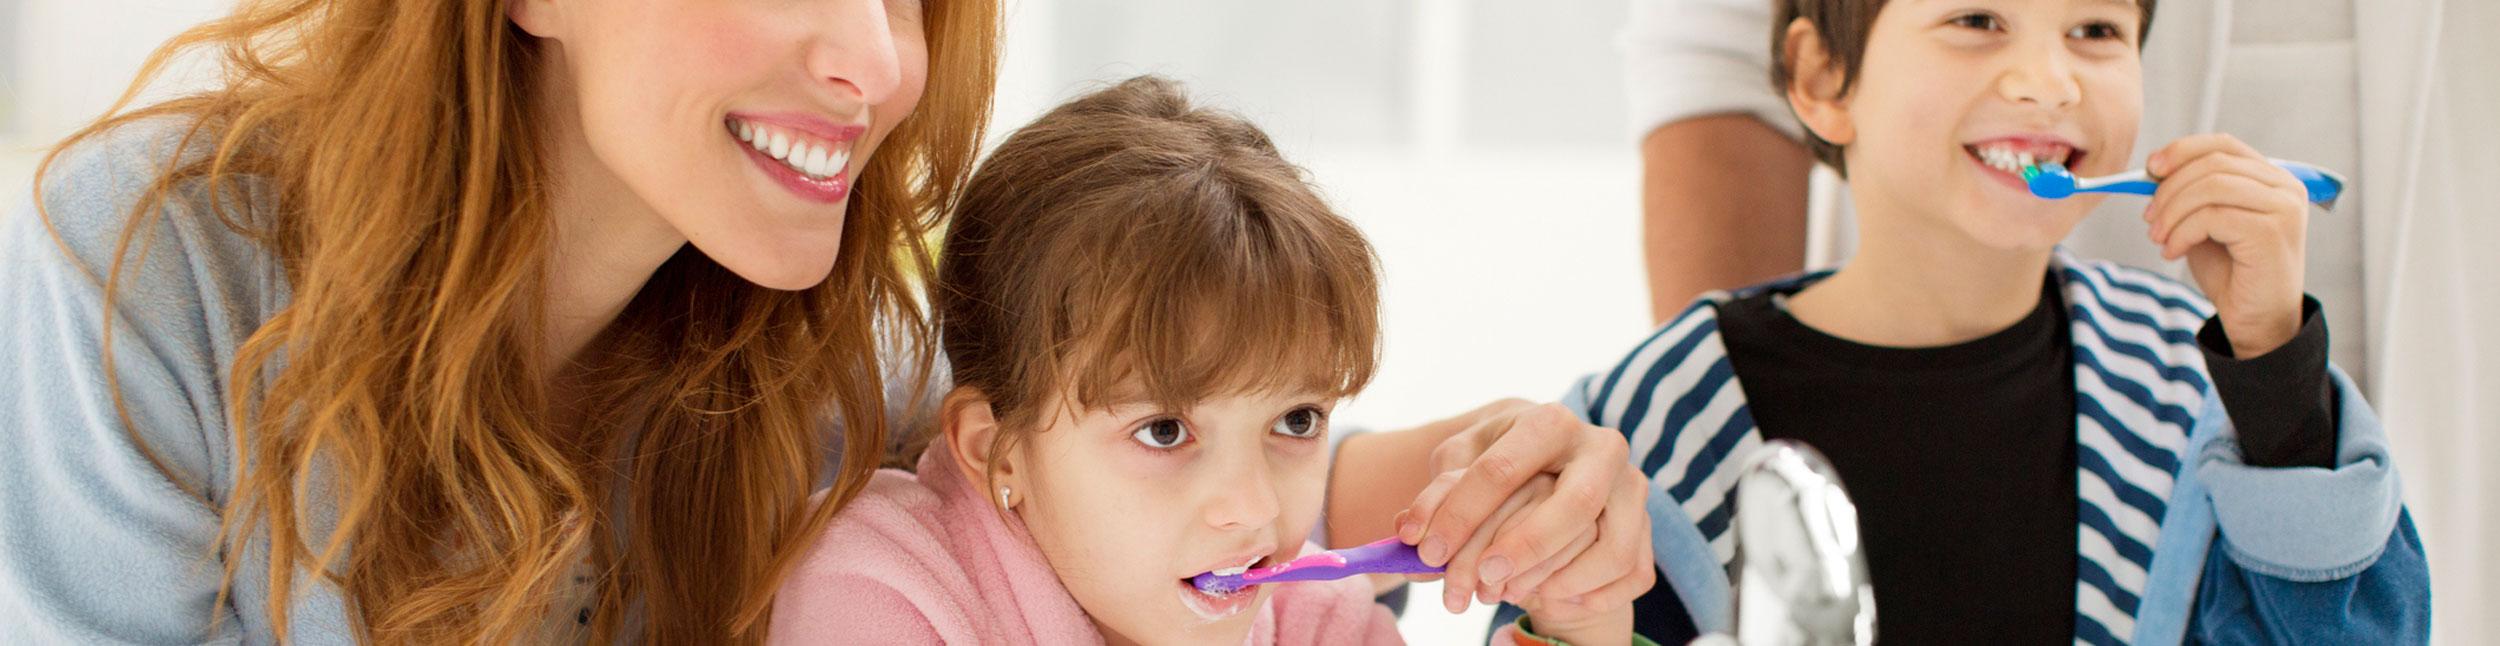 Mutter mit zwei Kindern beim Zähneputzen in Ihrem neuen Badezimmer